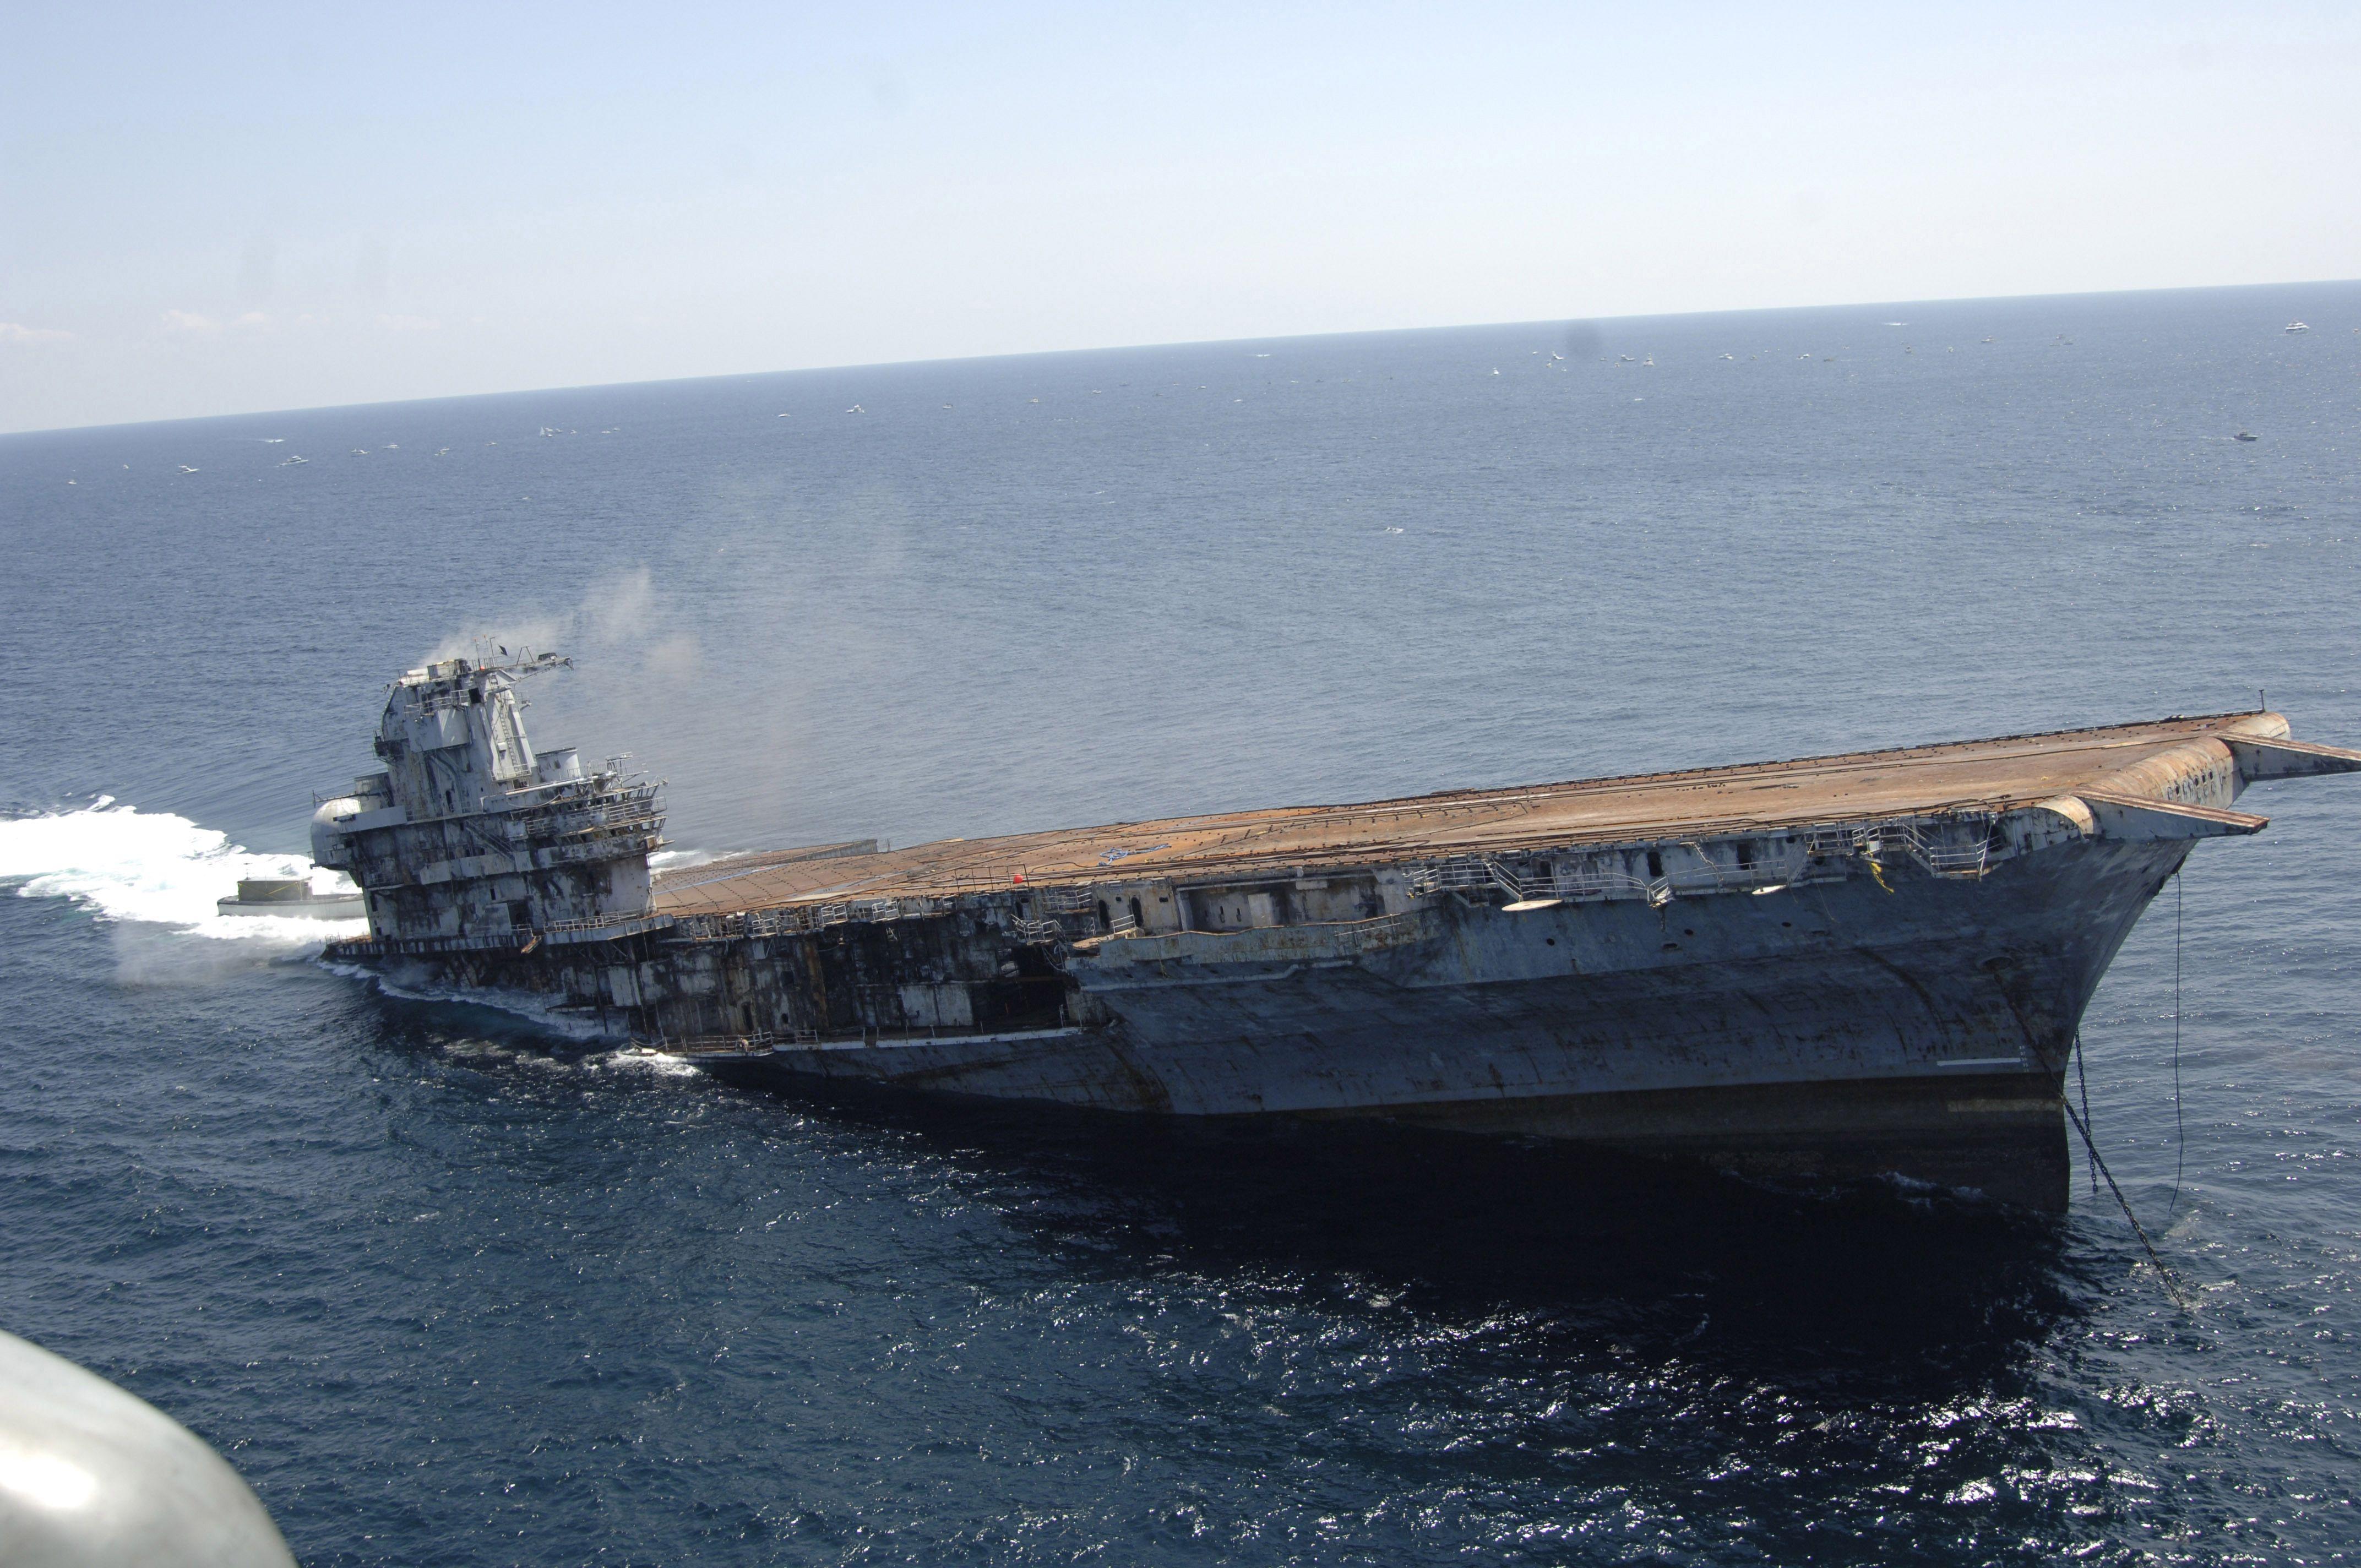 облицовочный материал фото тонущего корабля моя мысль была